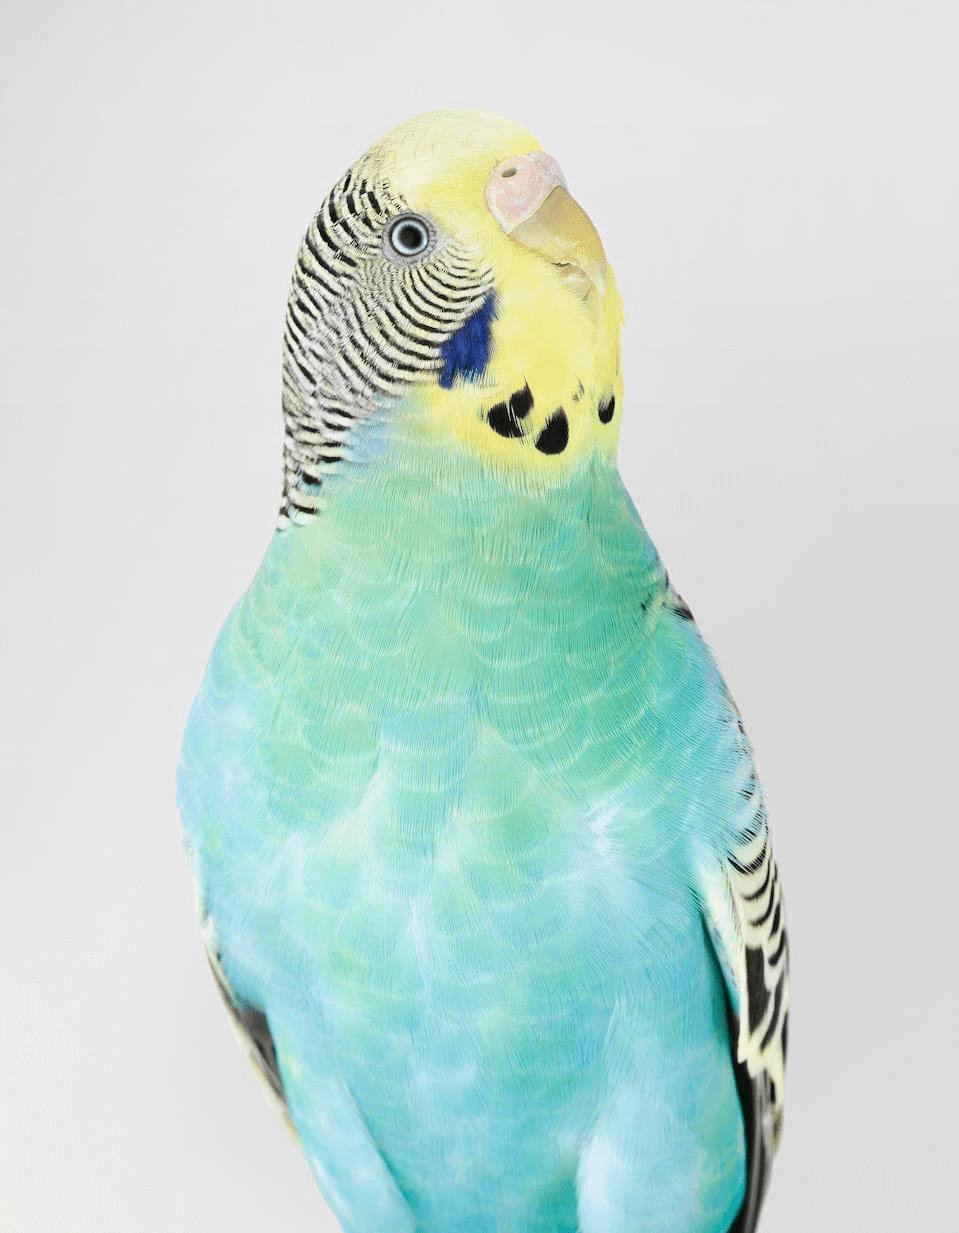 leila jeffreys aves retratos